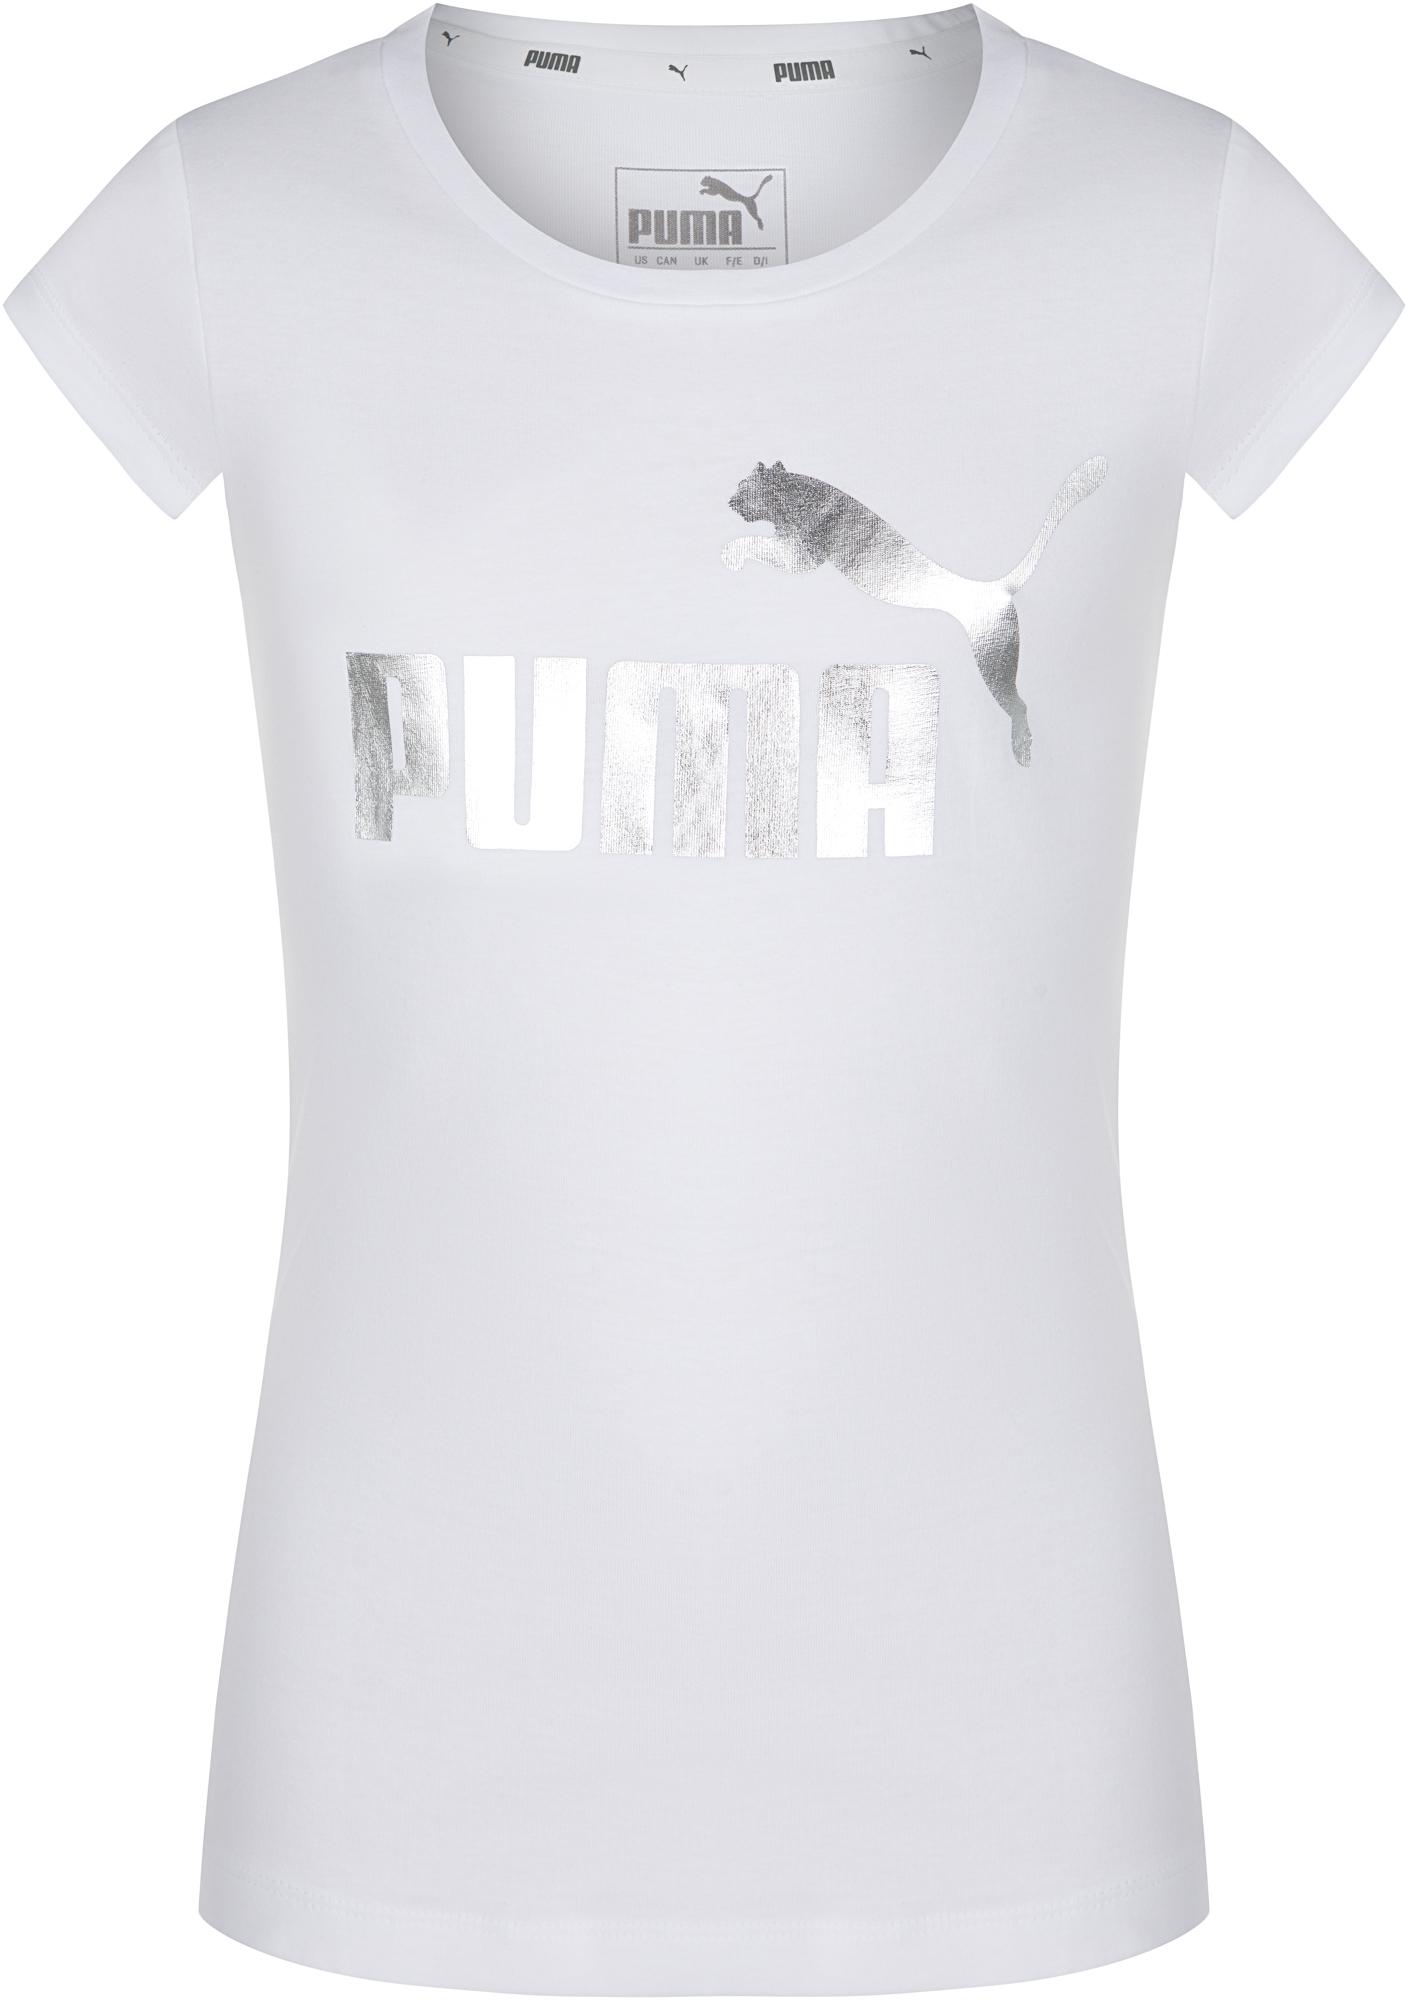 цена на Puma Футболка для девочек Puma Girls Glitter Tee, размер 164